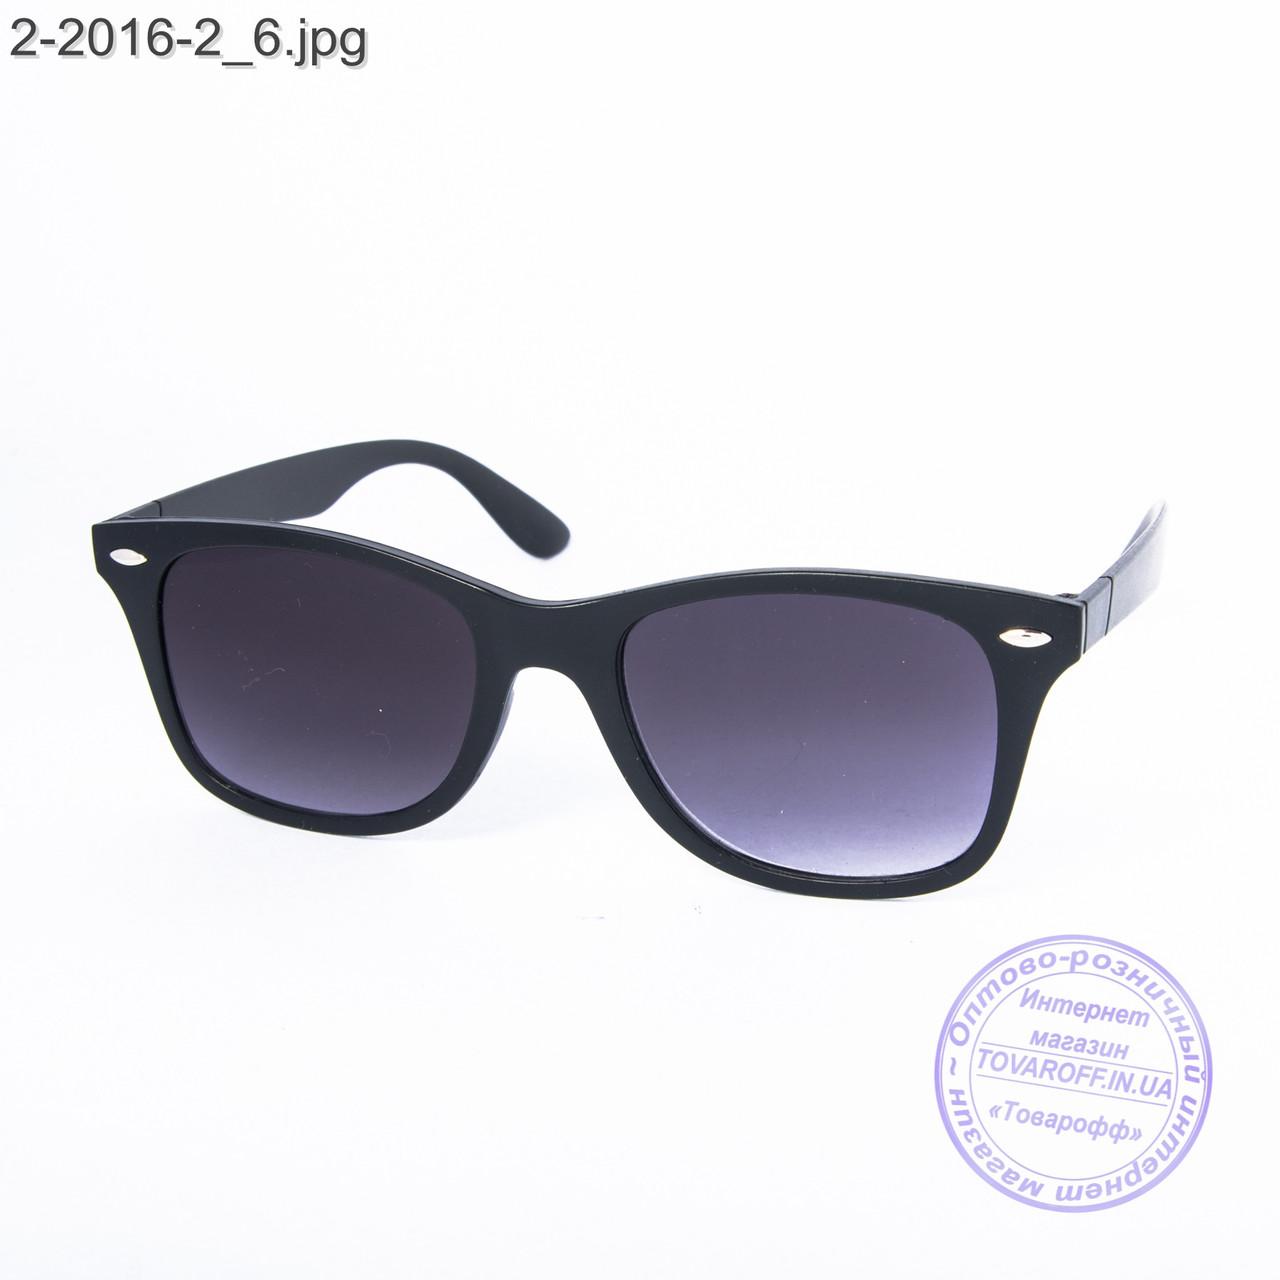 Солнцезащитные очки унисекс - черные - 2-2016-2